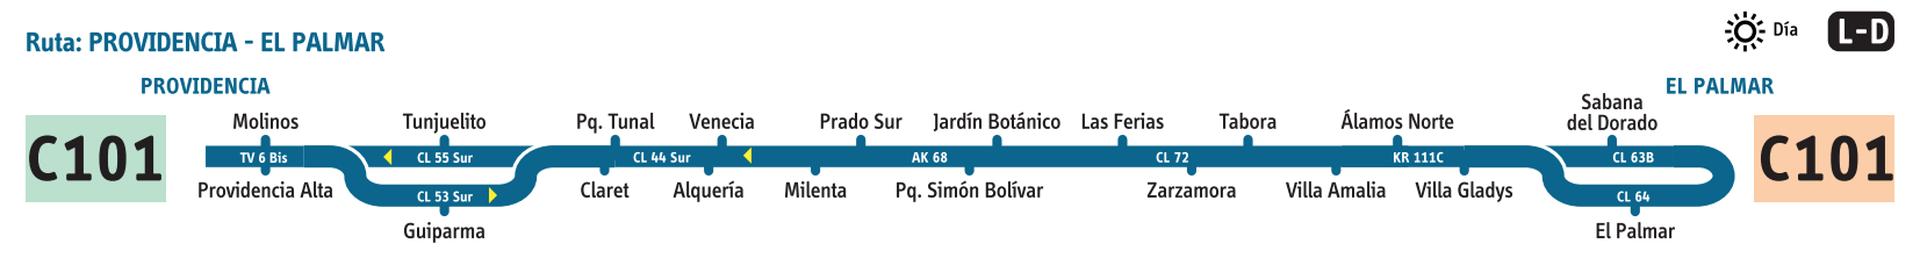 Ruta SITP: C101 Providencia Alta ↔ El Palmar [Urbana] 1